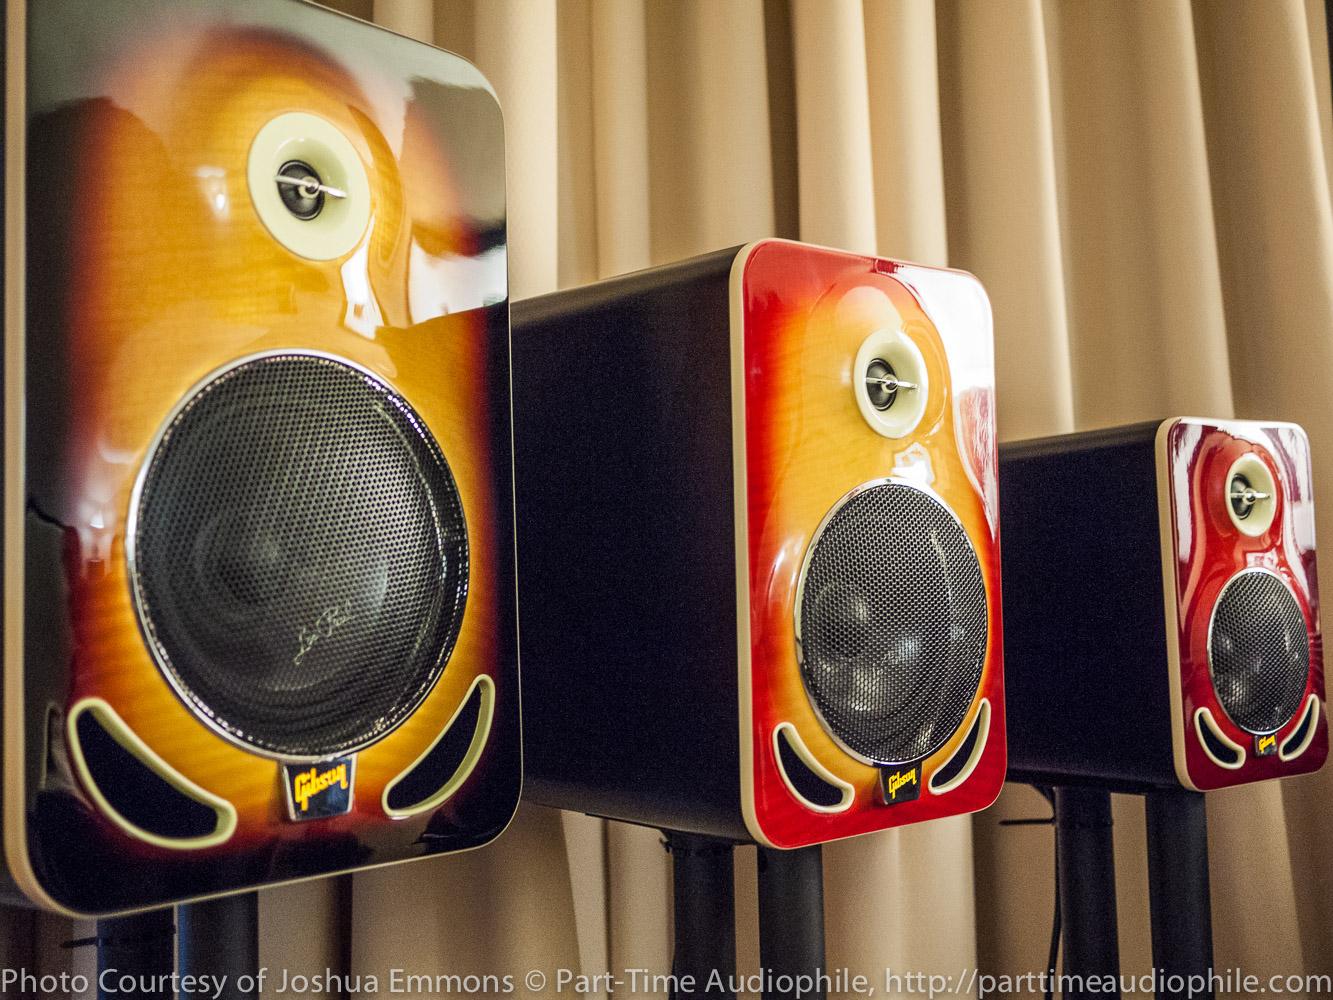 AXPONA 2015: Gibson Les Paul Reference Monitors